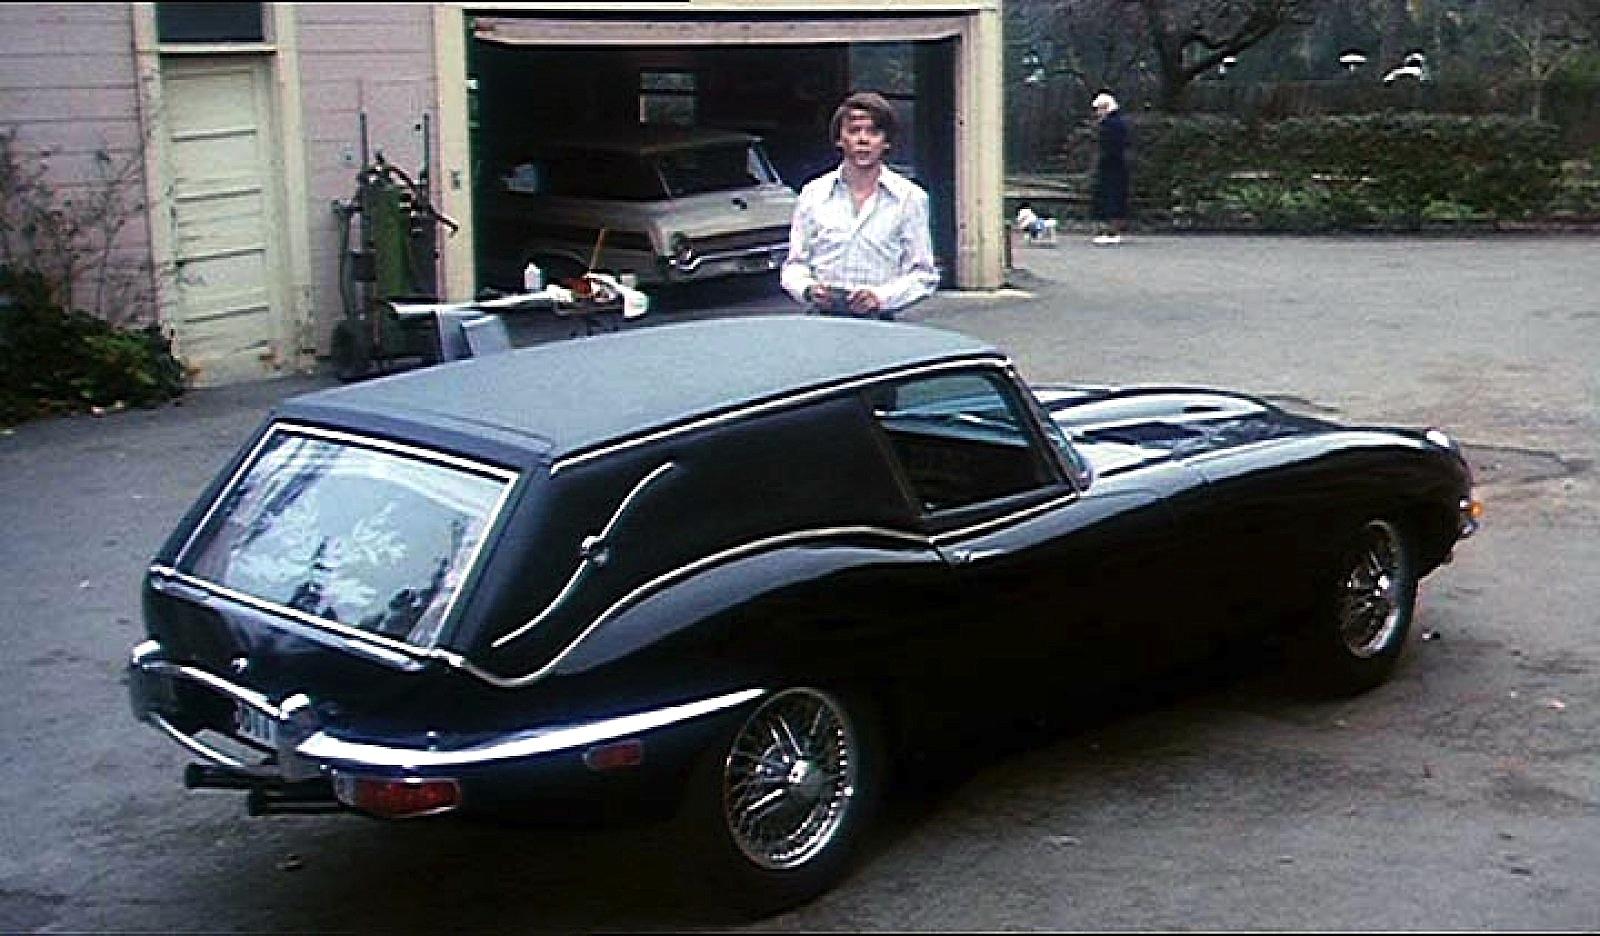 Im Kultfilm Harold und Maude greift Harold zum Schweißgerät, um einen Jaguar E-Type zu einem Leichenwagen umzubauen. Das Schweißgerät ist im Hintergrund noch zu sehen.